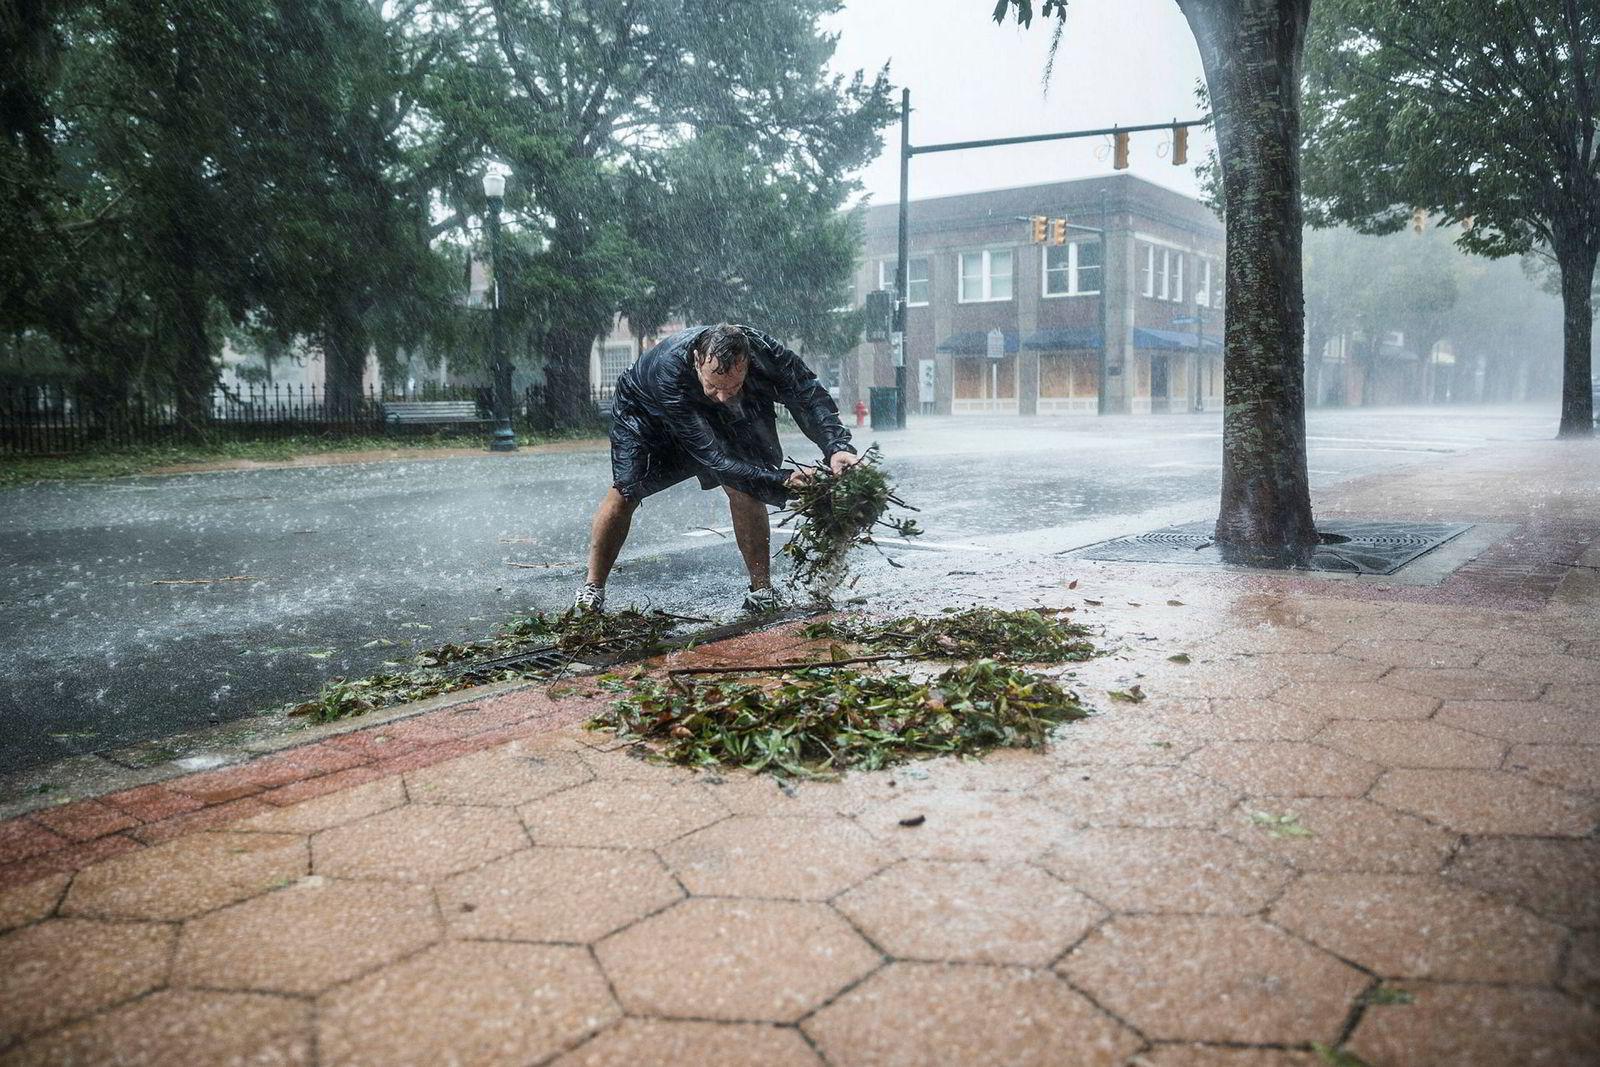 David Chigeres prøver å få vannet vekk fra eiendommene han eier. Byen New Bern er hardt rammet.